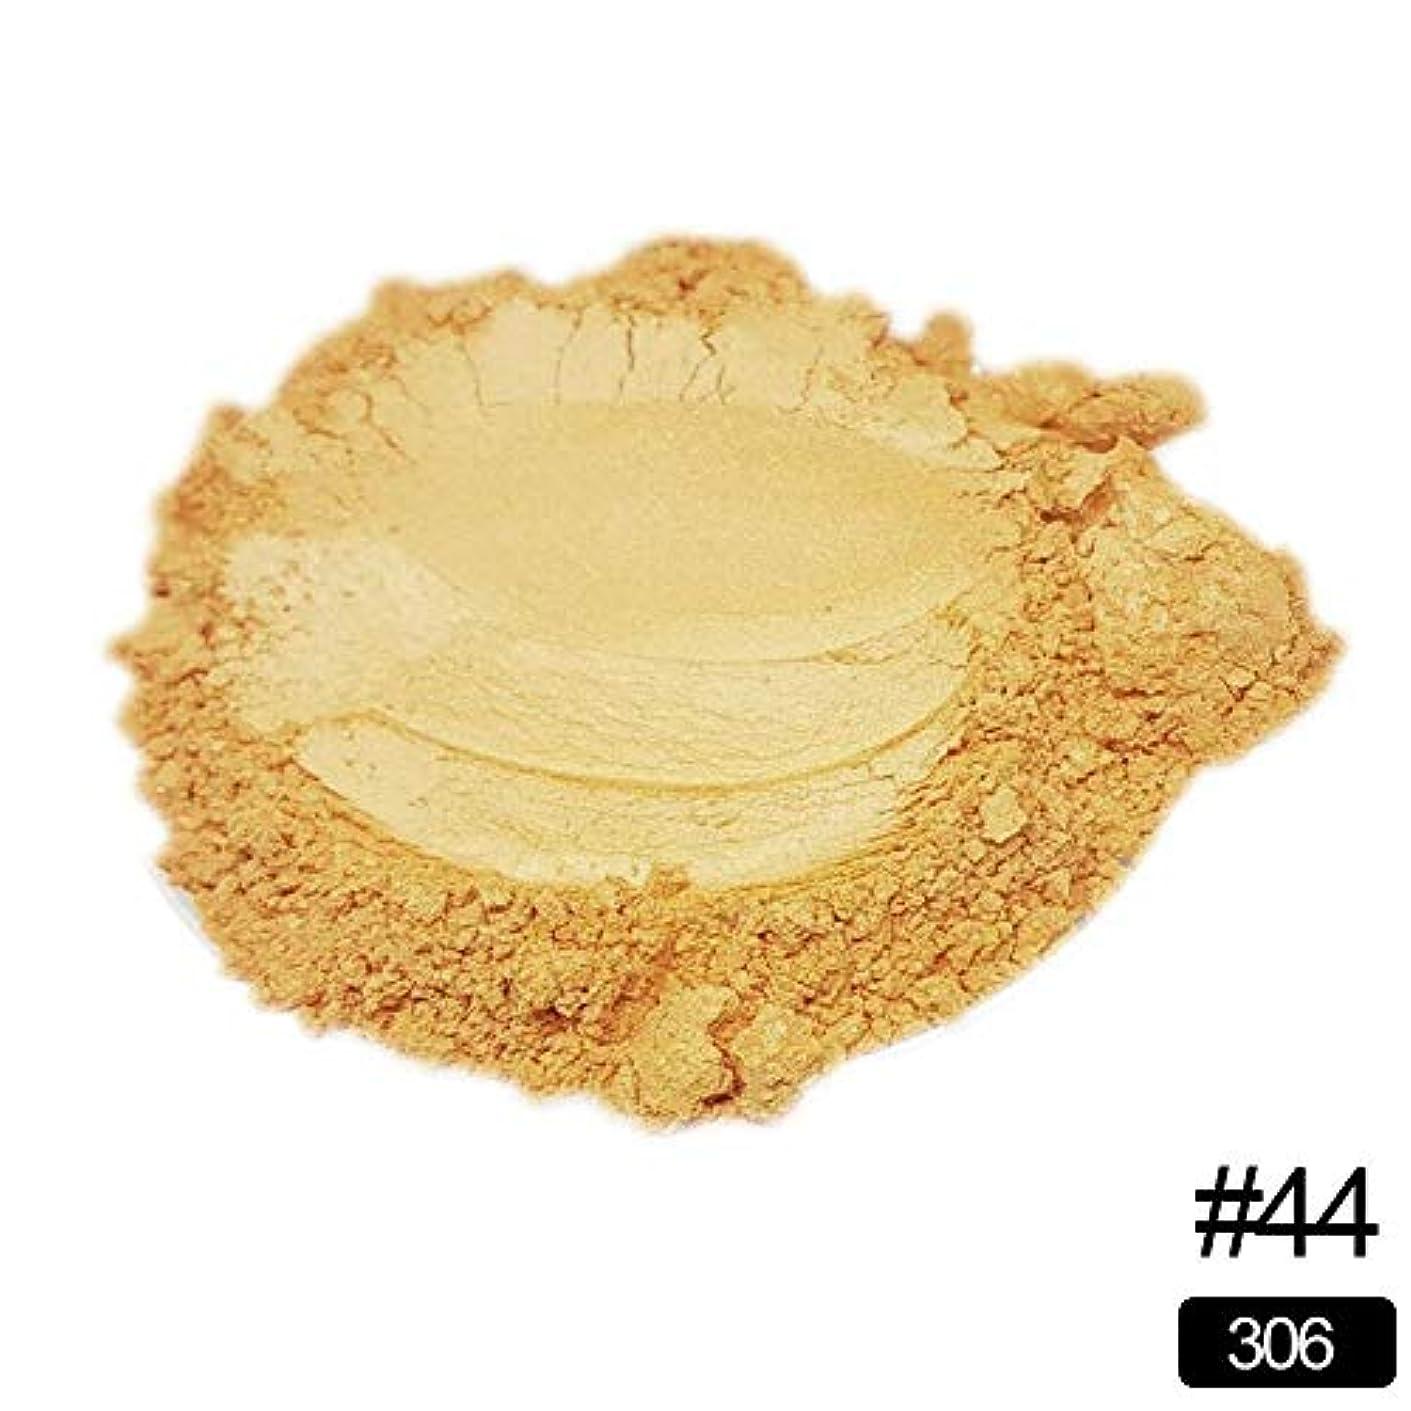 バンカー疑い者石灰岩BETTER YOU (ベター ュー) 夏のアイシャドウ、口紅、フリッカー、カラフル、崩れない、ぼかしやすい、69色 目、唇、フリッカー、ハイライト (C 402)